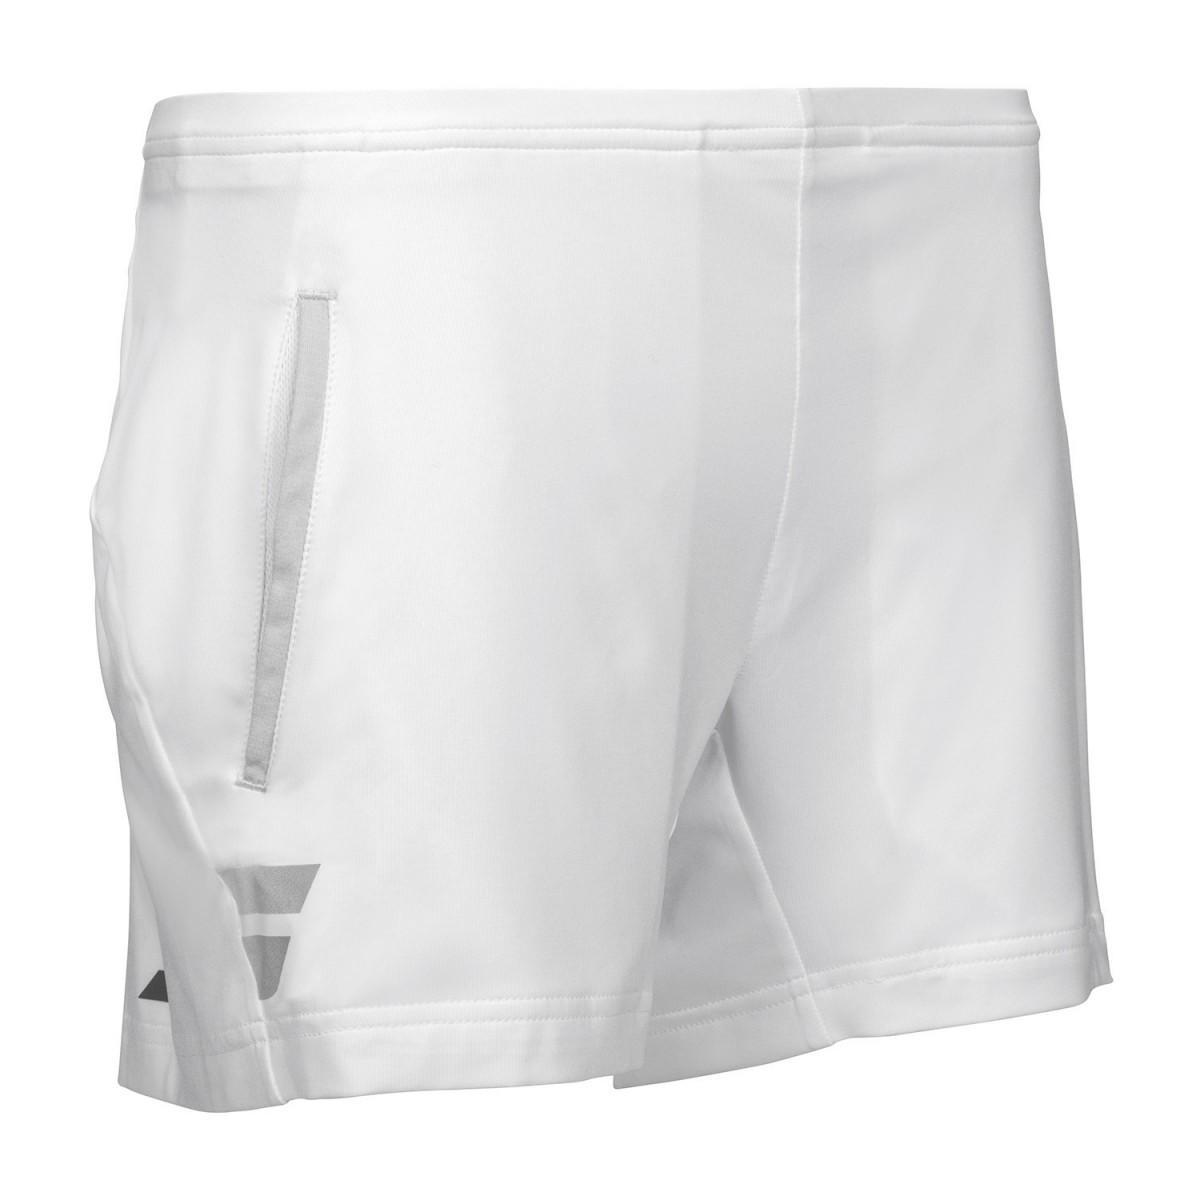 Теннисные шорты детские Babolat Core Short Girl white